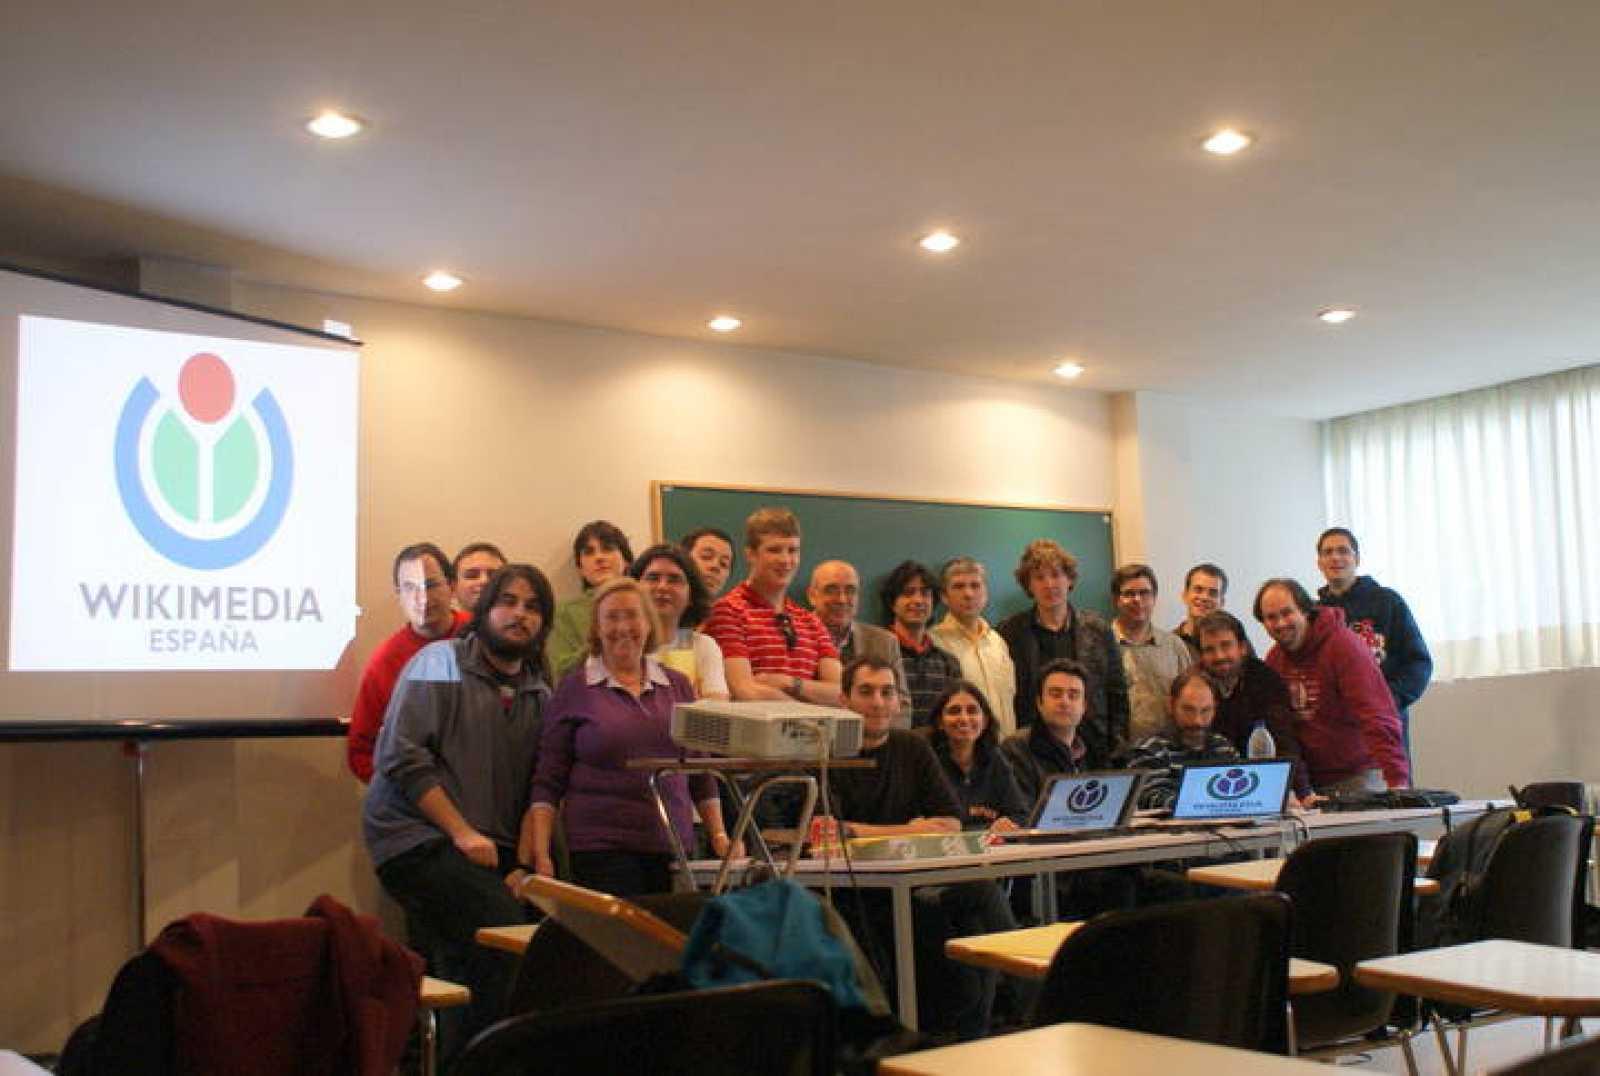 Encuentro prefundacional de Wikimedia España, fotografía grupal.